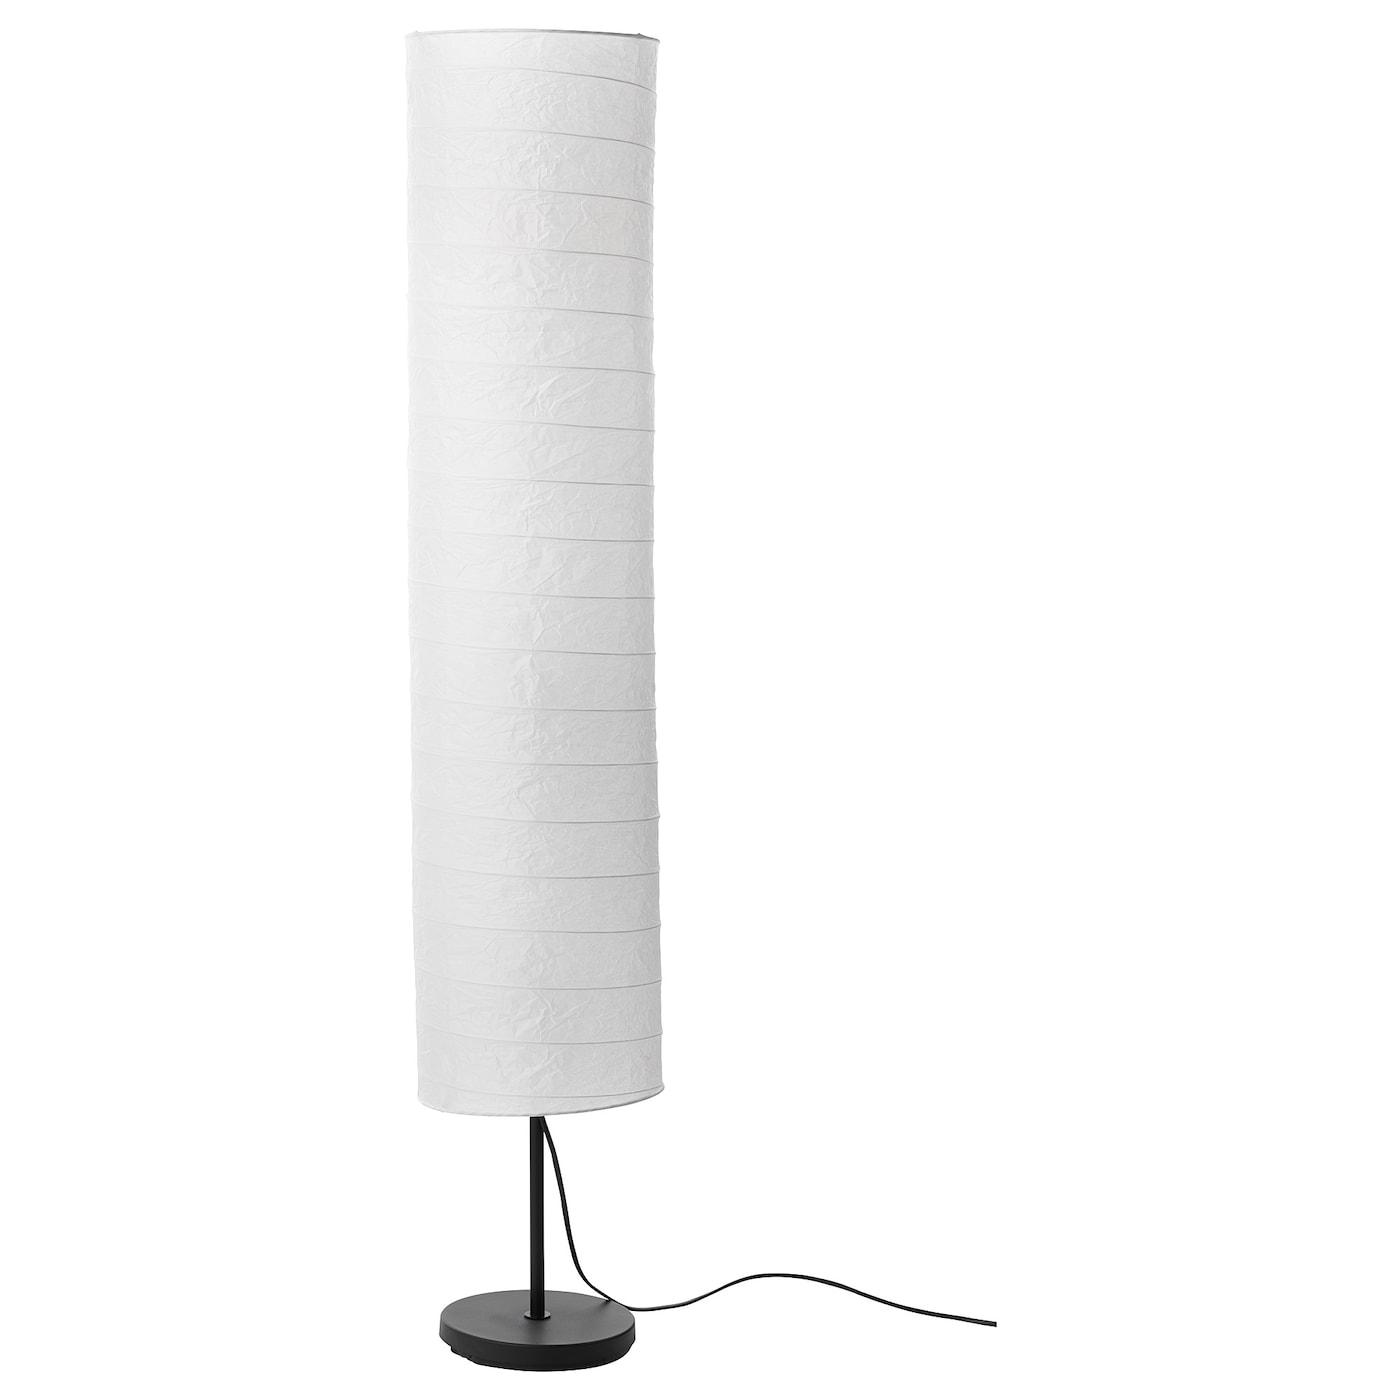 IKEA NOT Deckenfluter Leseleuchte Stehlampe Standleuchte Fluter Lampe weiß Neu